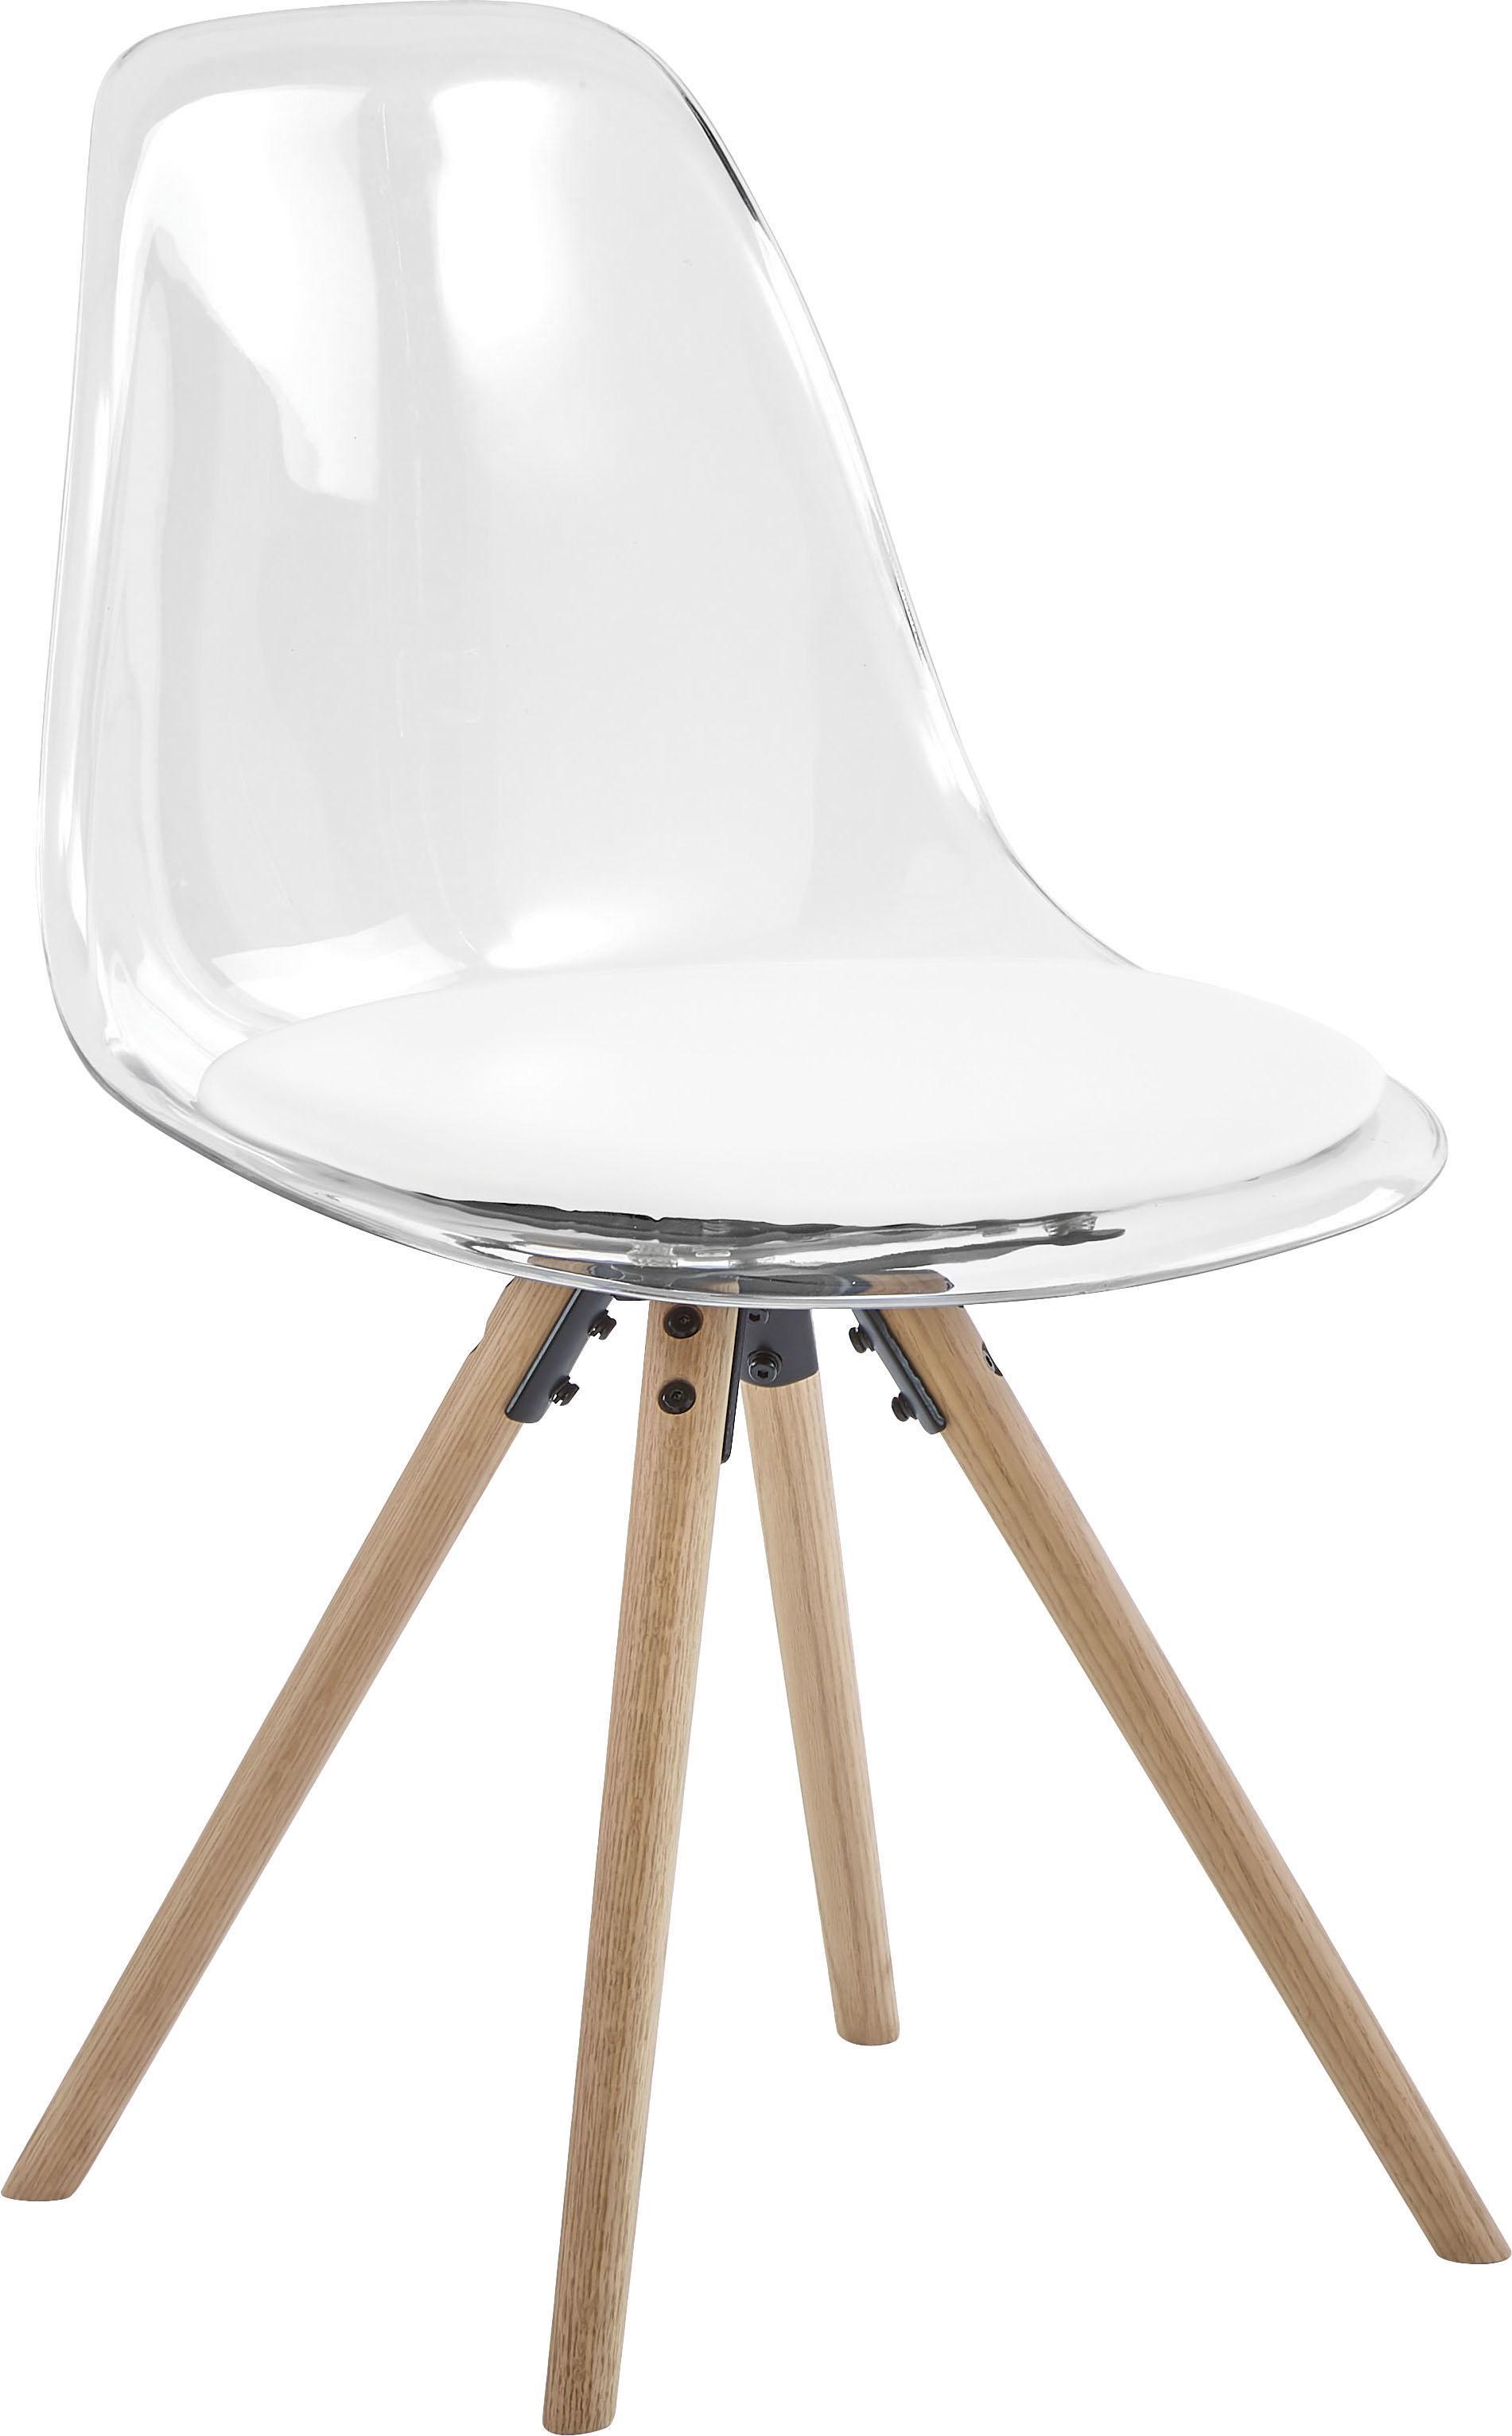 Kunststoff-Stühle Henning, 2 Stück, Sitzschale: Kunststoff, Beine: Eichenholz, geölt, Weiss, Transparent, Eichenholz, B 47 x T 53 cm